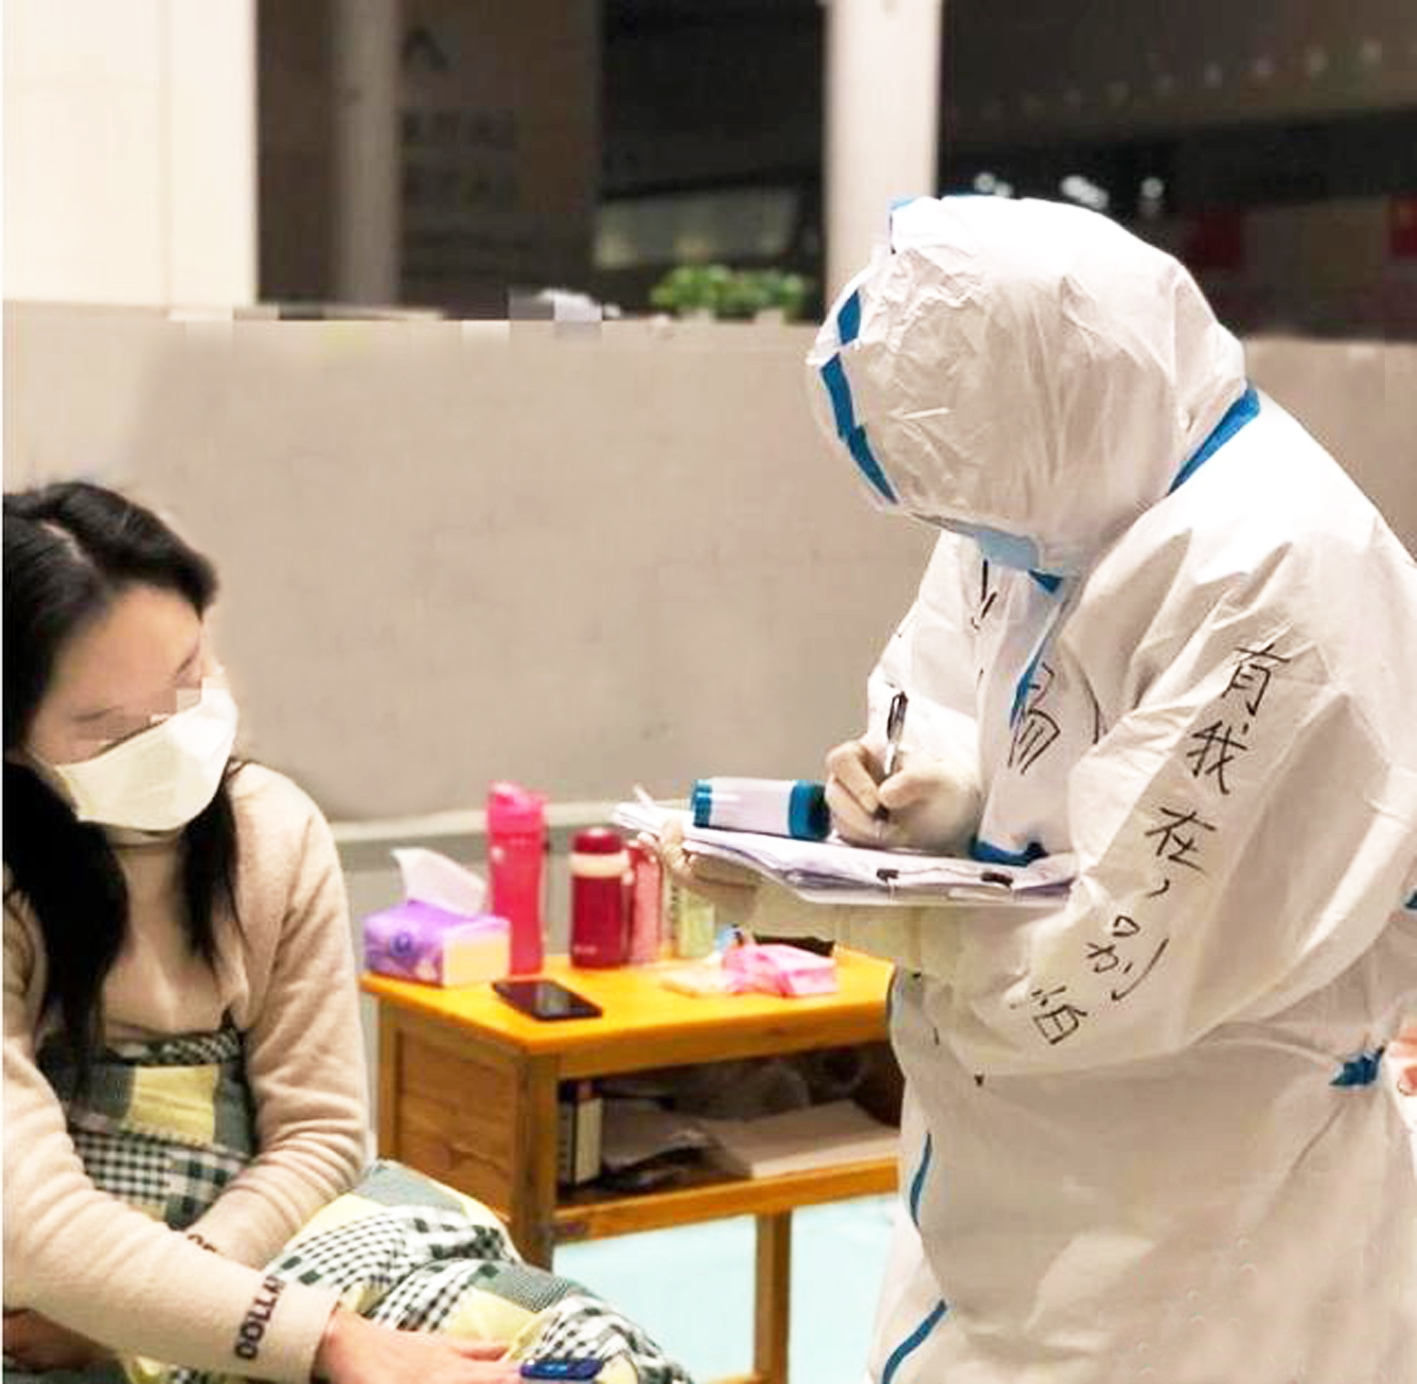 """Y tá với dòng chữ """"Có tôi đây đừng sợ"""" trên tay áo - Ảnh: CHINANEWS"""